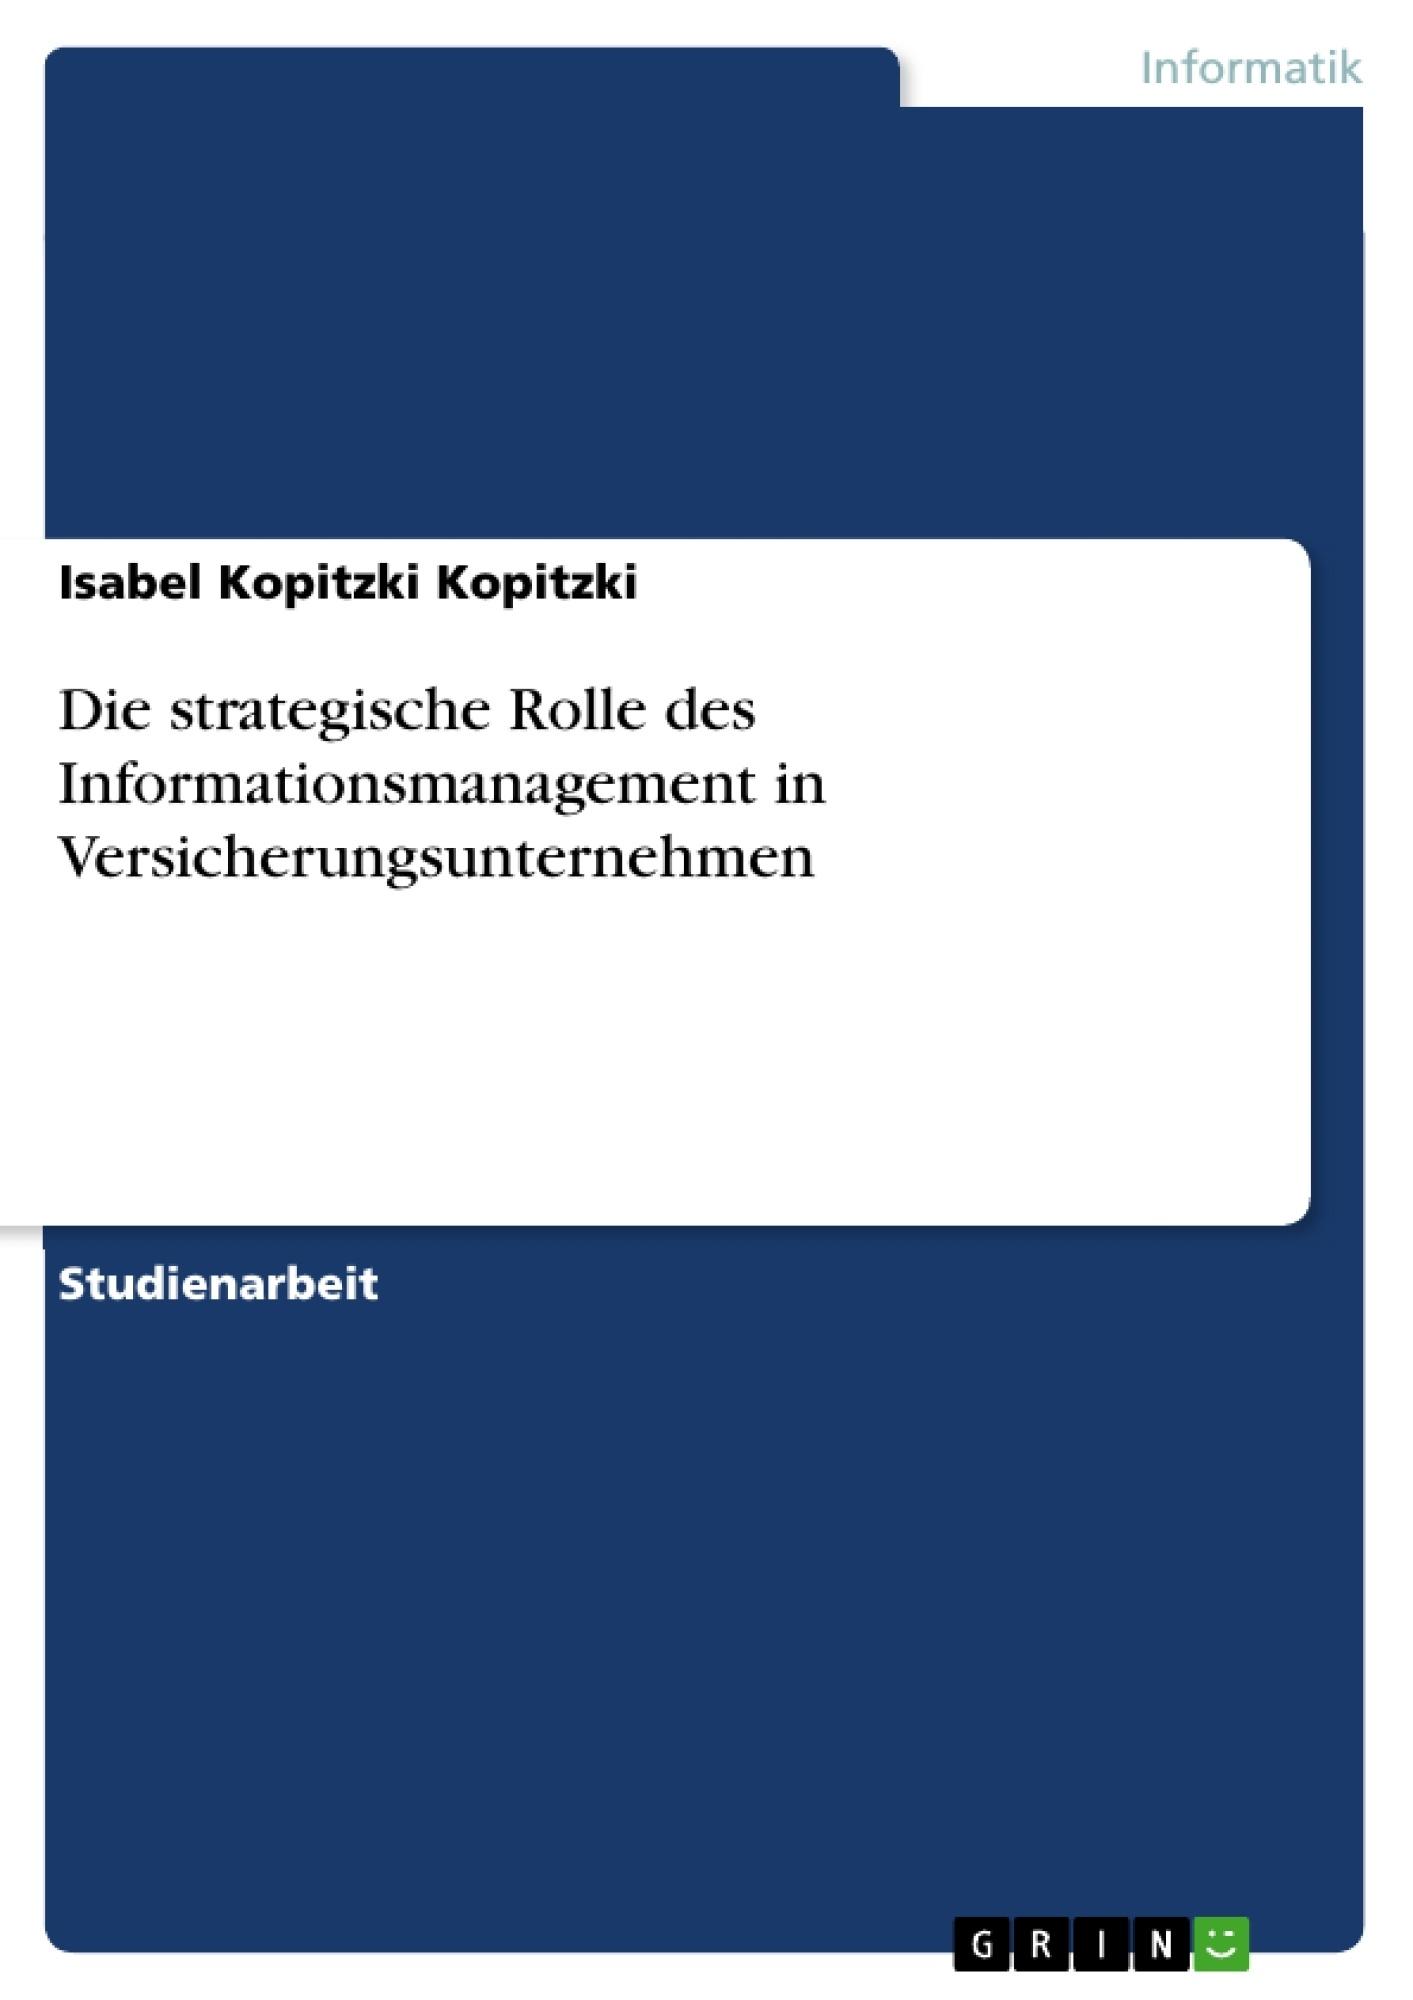 Titel: Die strategische Rolle des Informationsmanagement in Versicherungsunternehmen